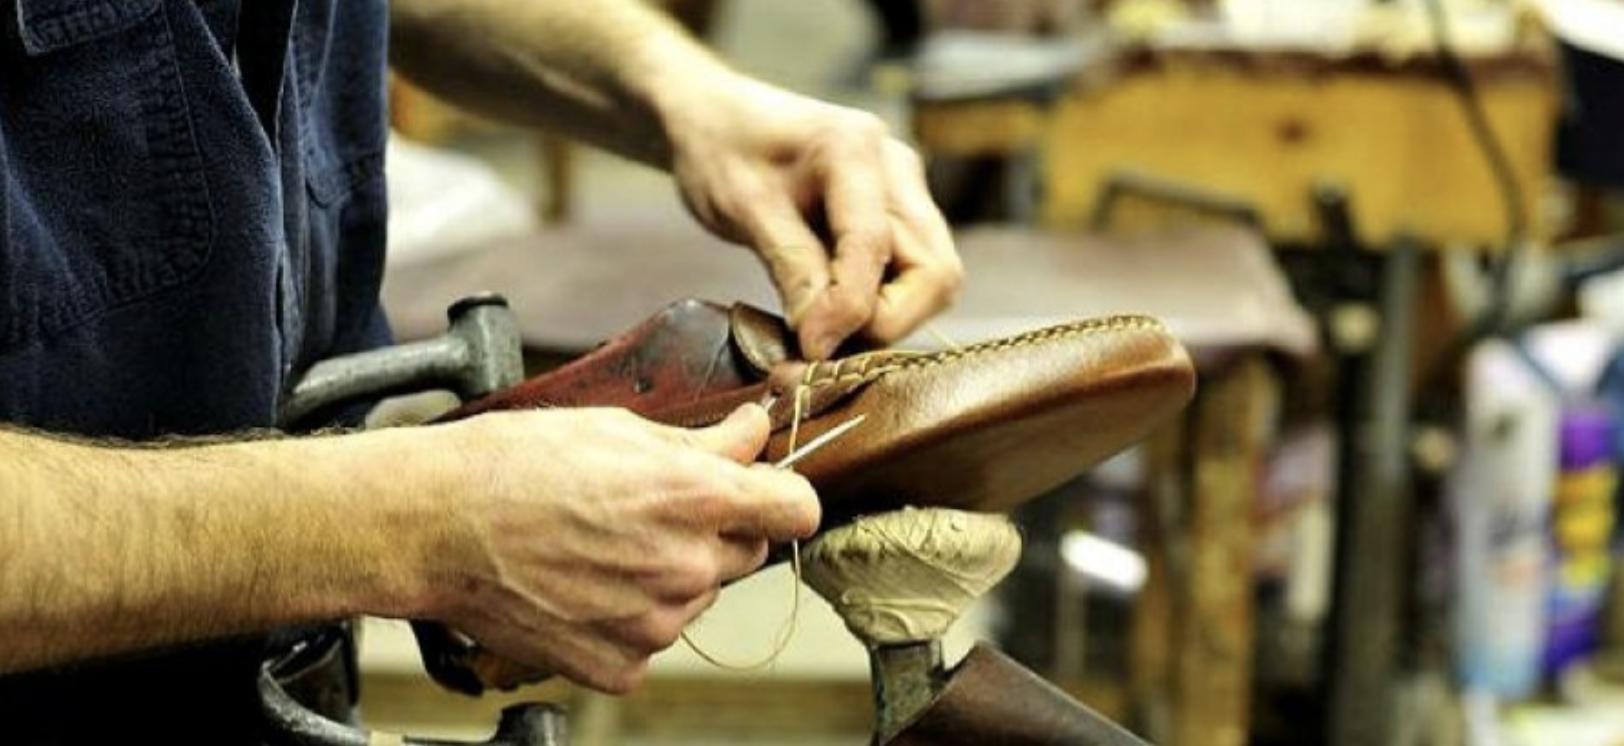 Industria calzado textil | Imagen de archivo